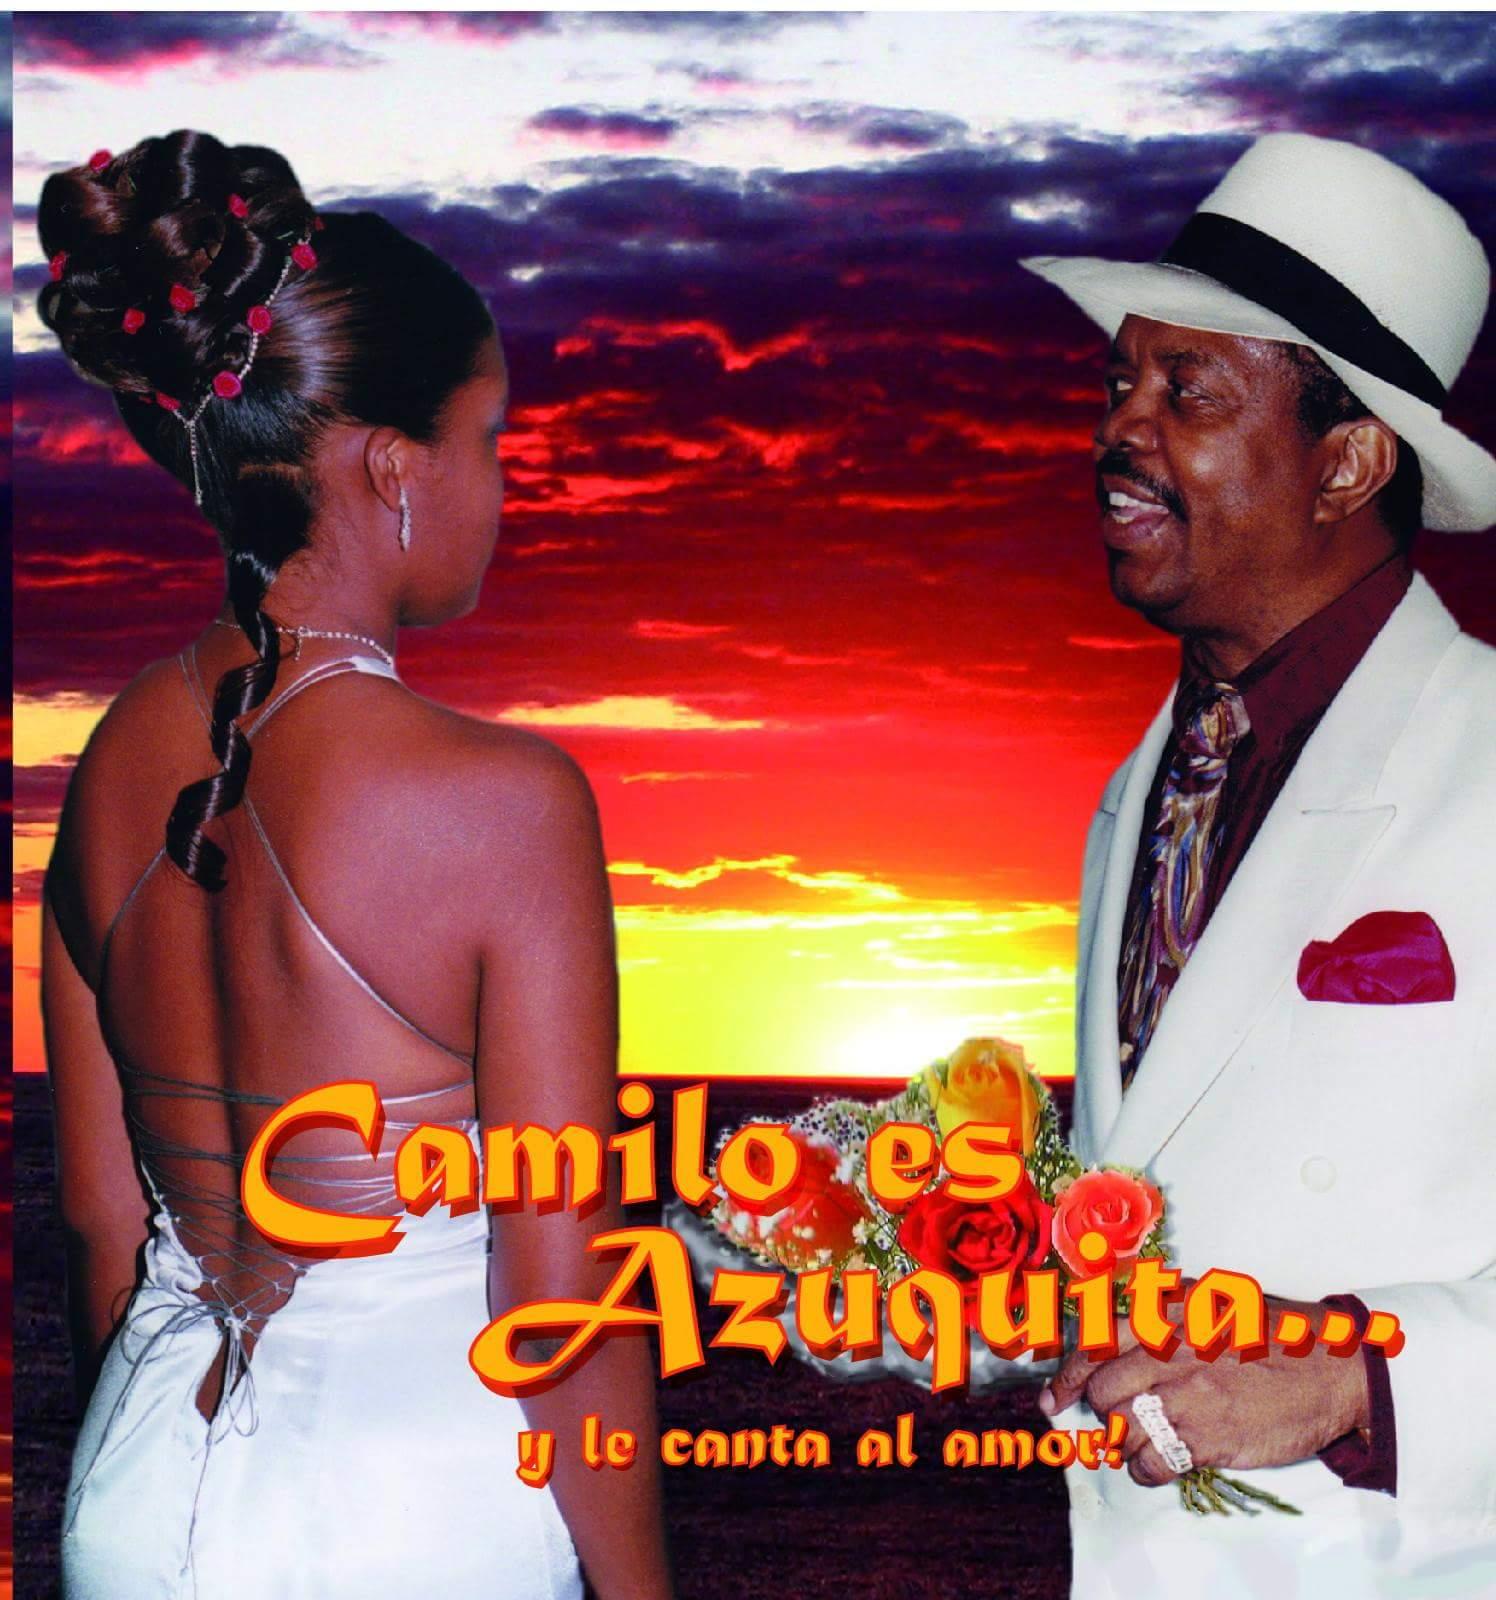 Carátula de la nueva producción del cantante panameño. (Foto suministrada)